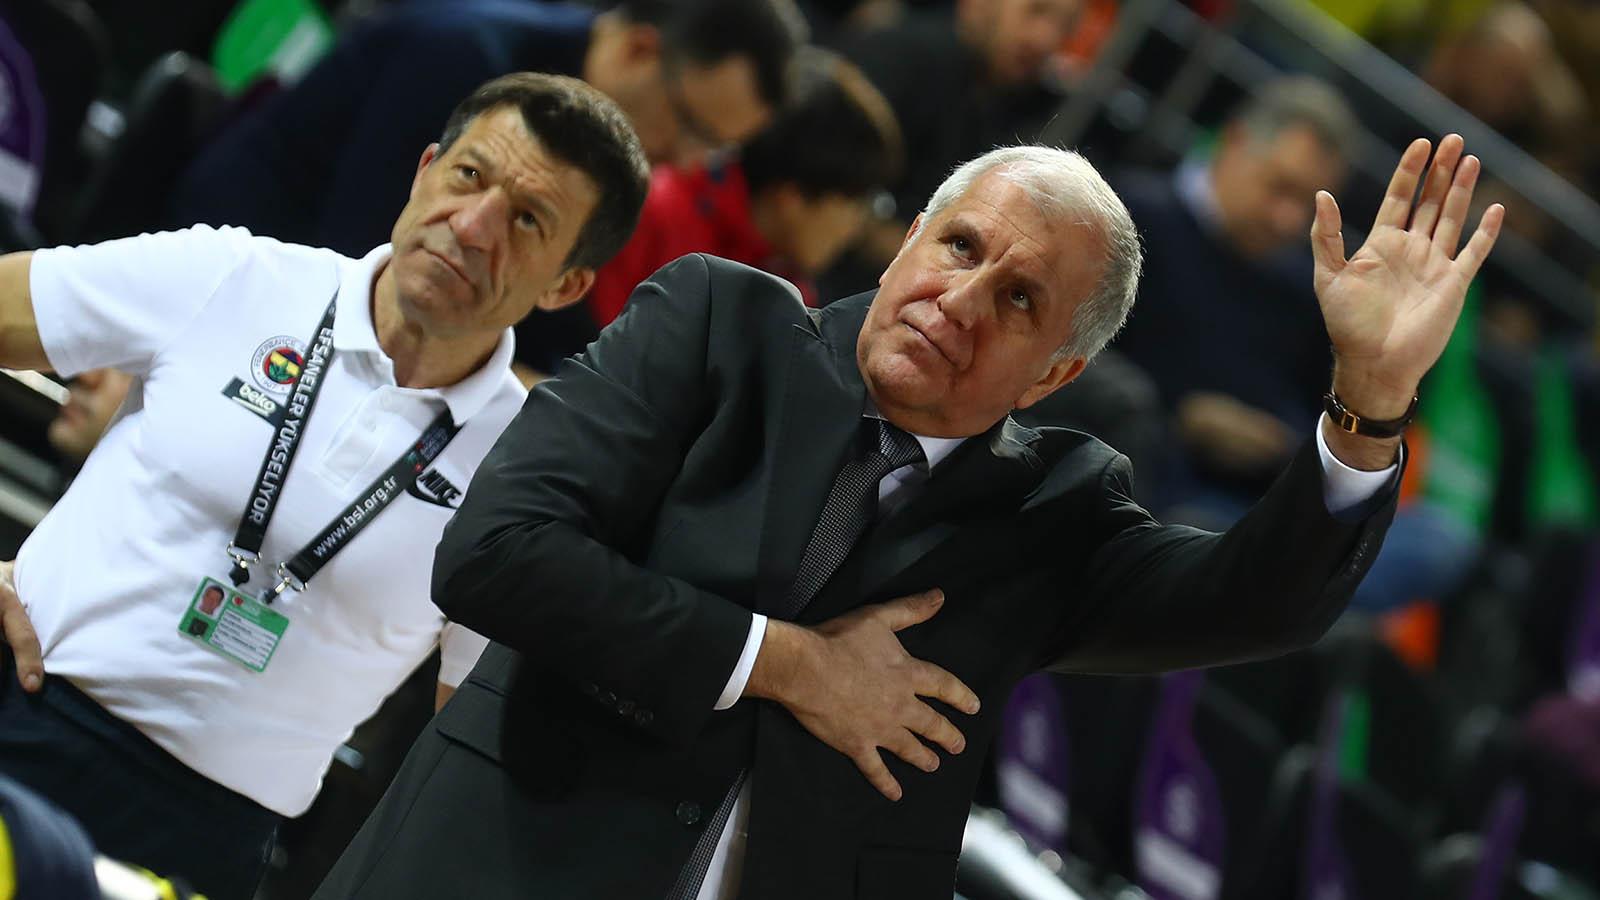 Başantrenörümüz Zeljko Obradovic: Fenerbahçe ile kupa kazanmak her zaman çok güzel